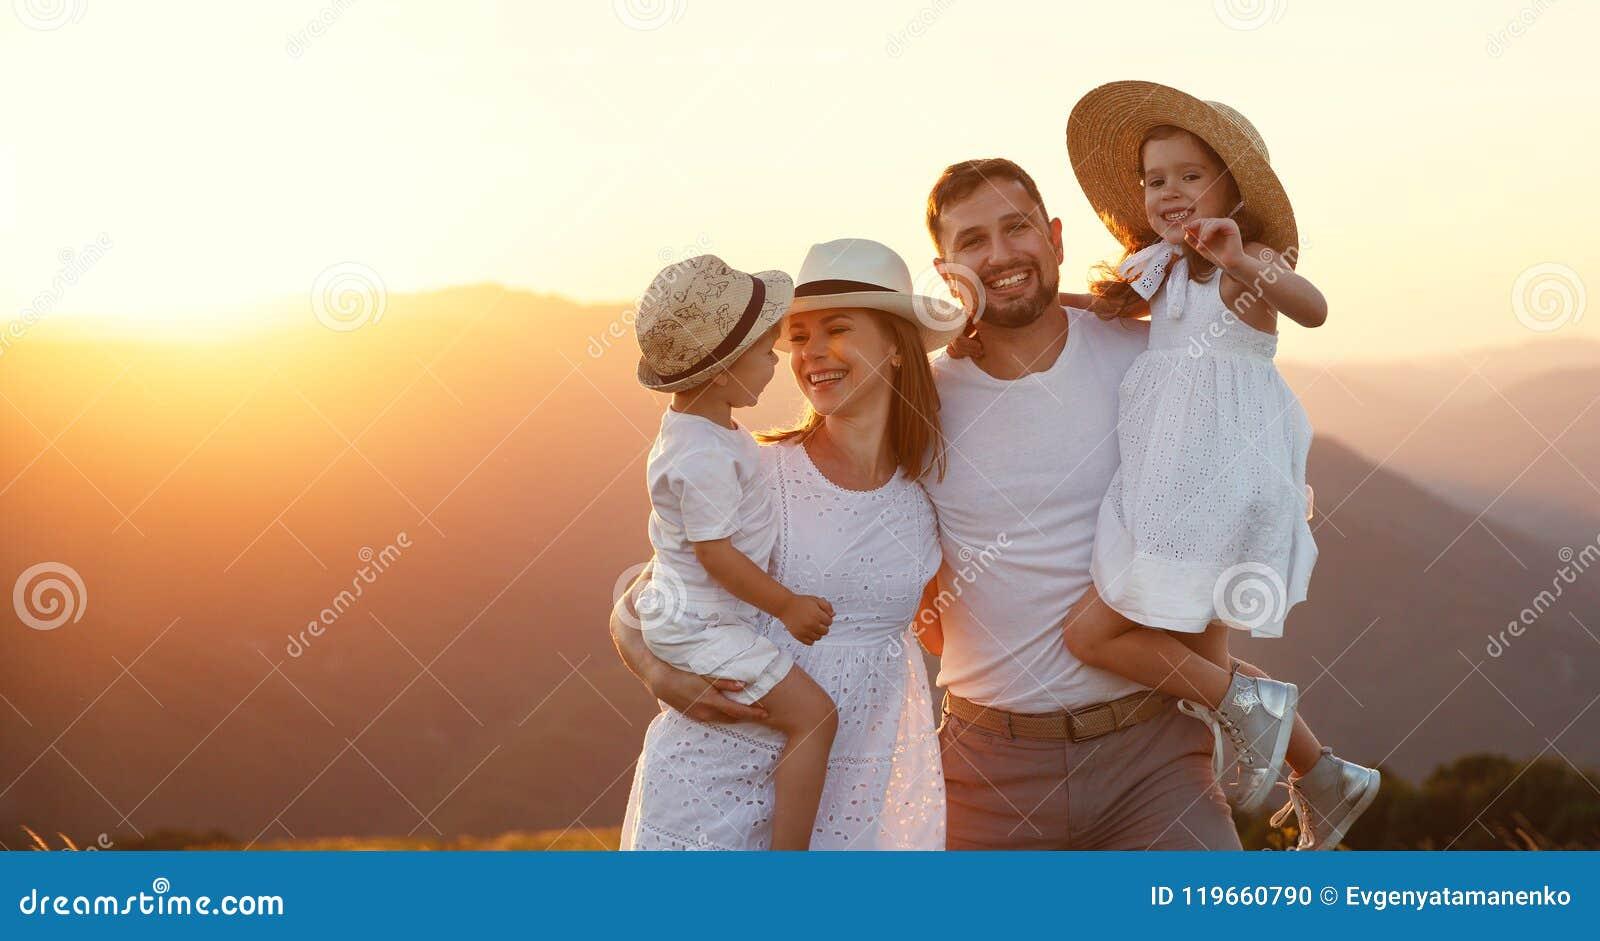 Мама, папа, бабушка, дедушка, сын, дочь | 781x1300